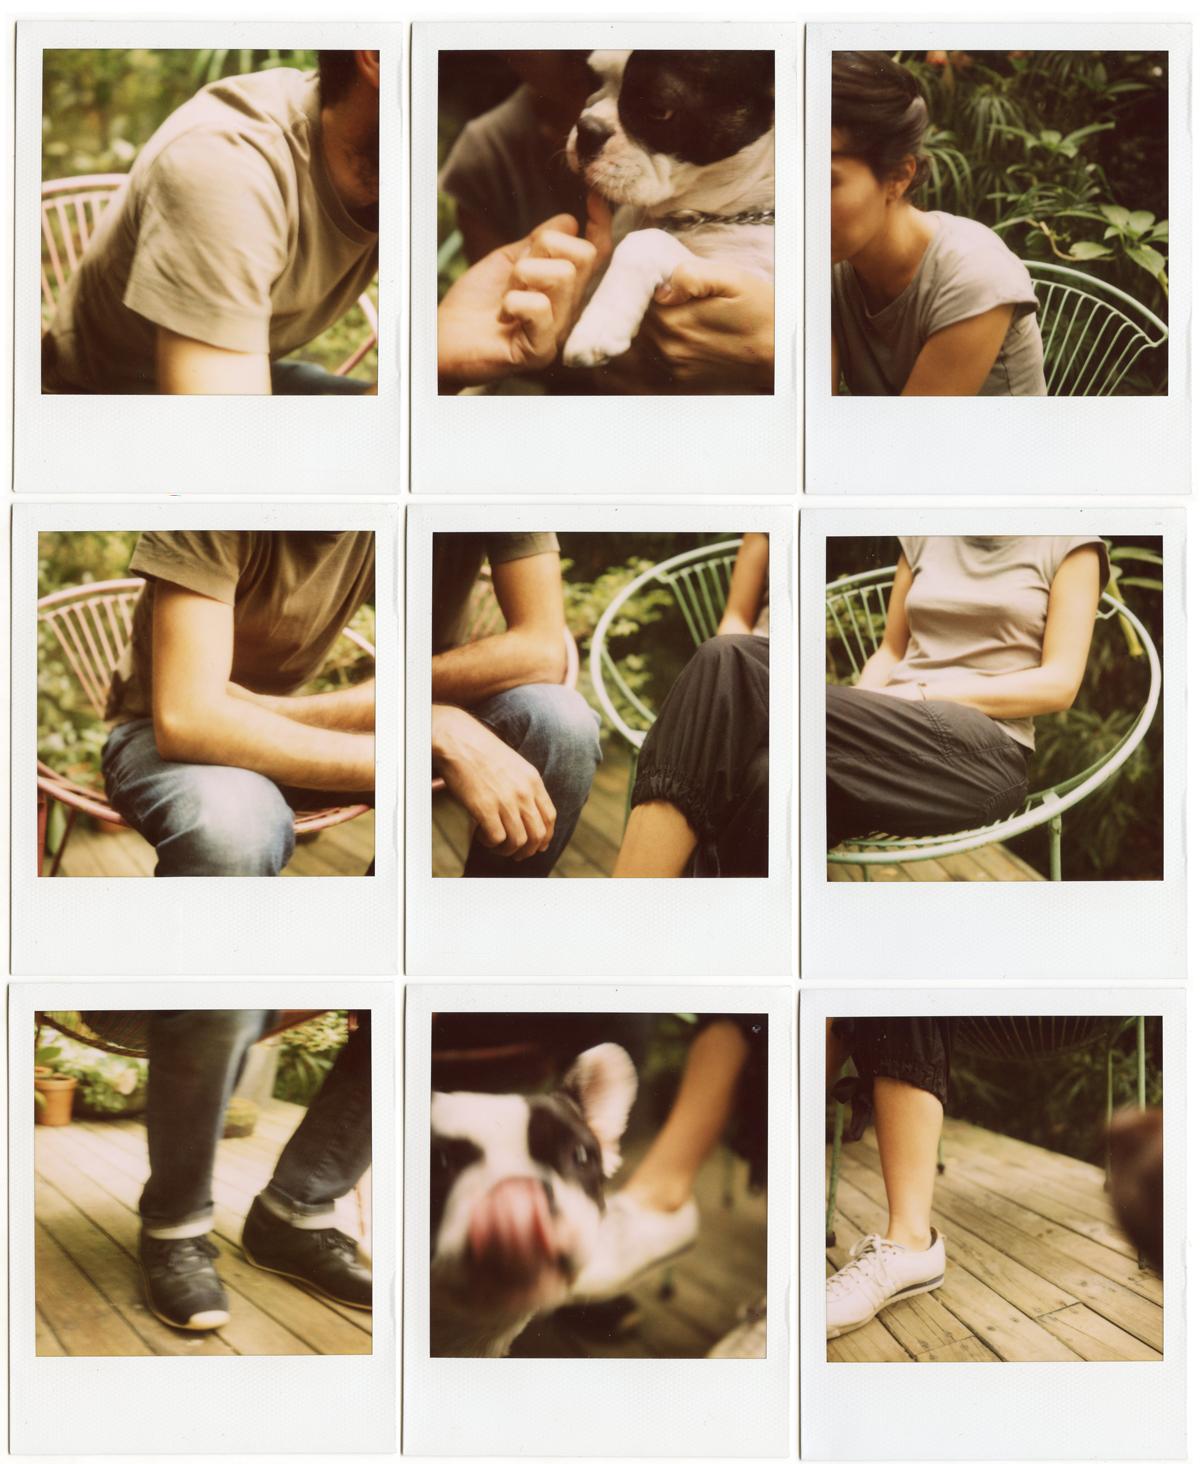 Escena de amor entre pareja anónima